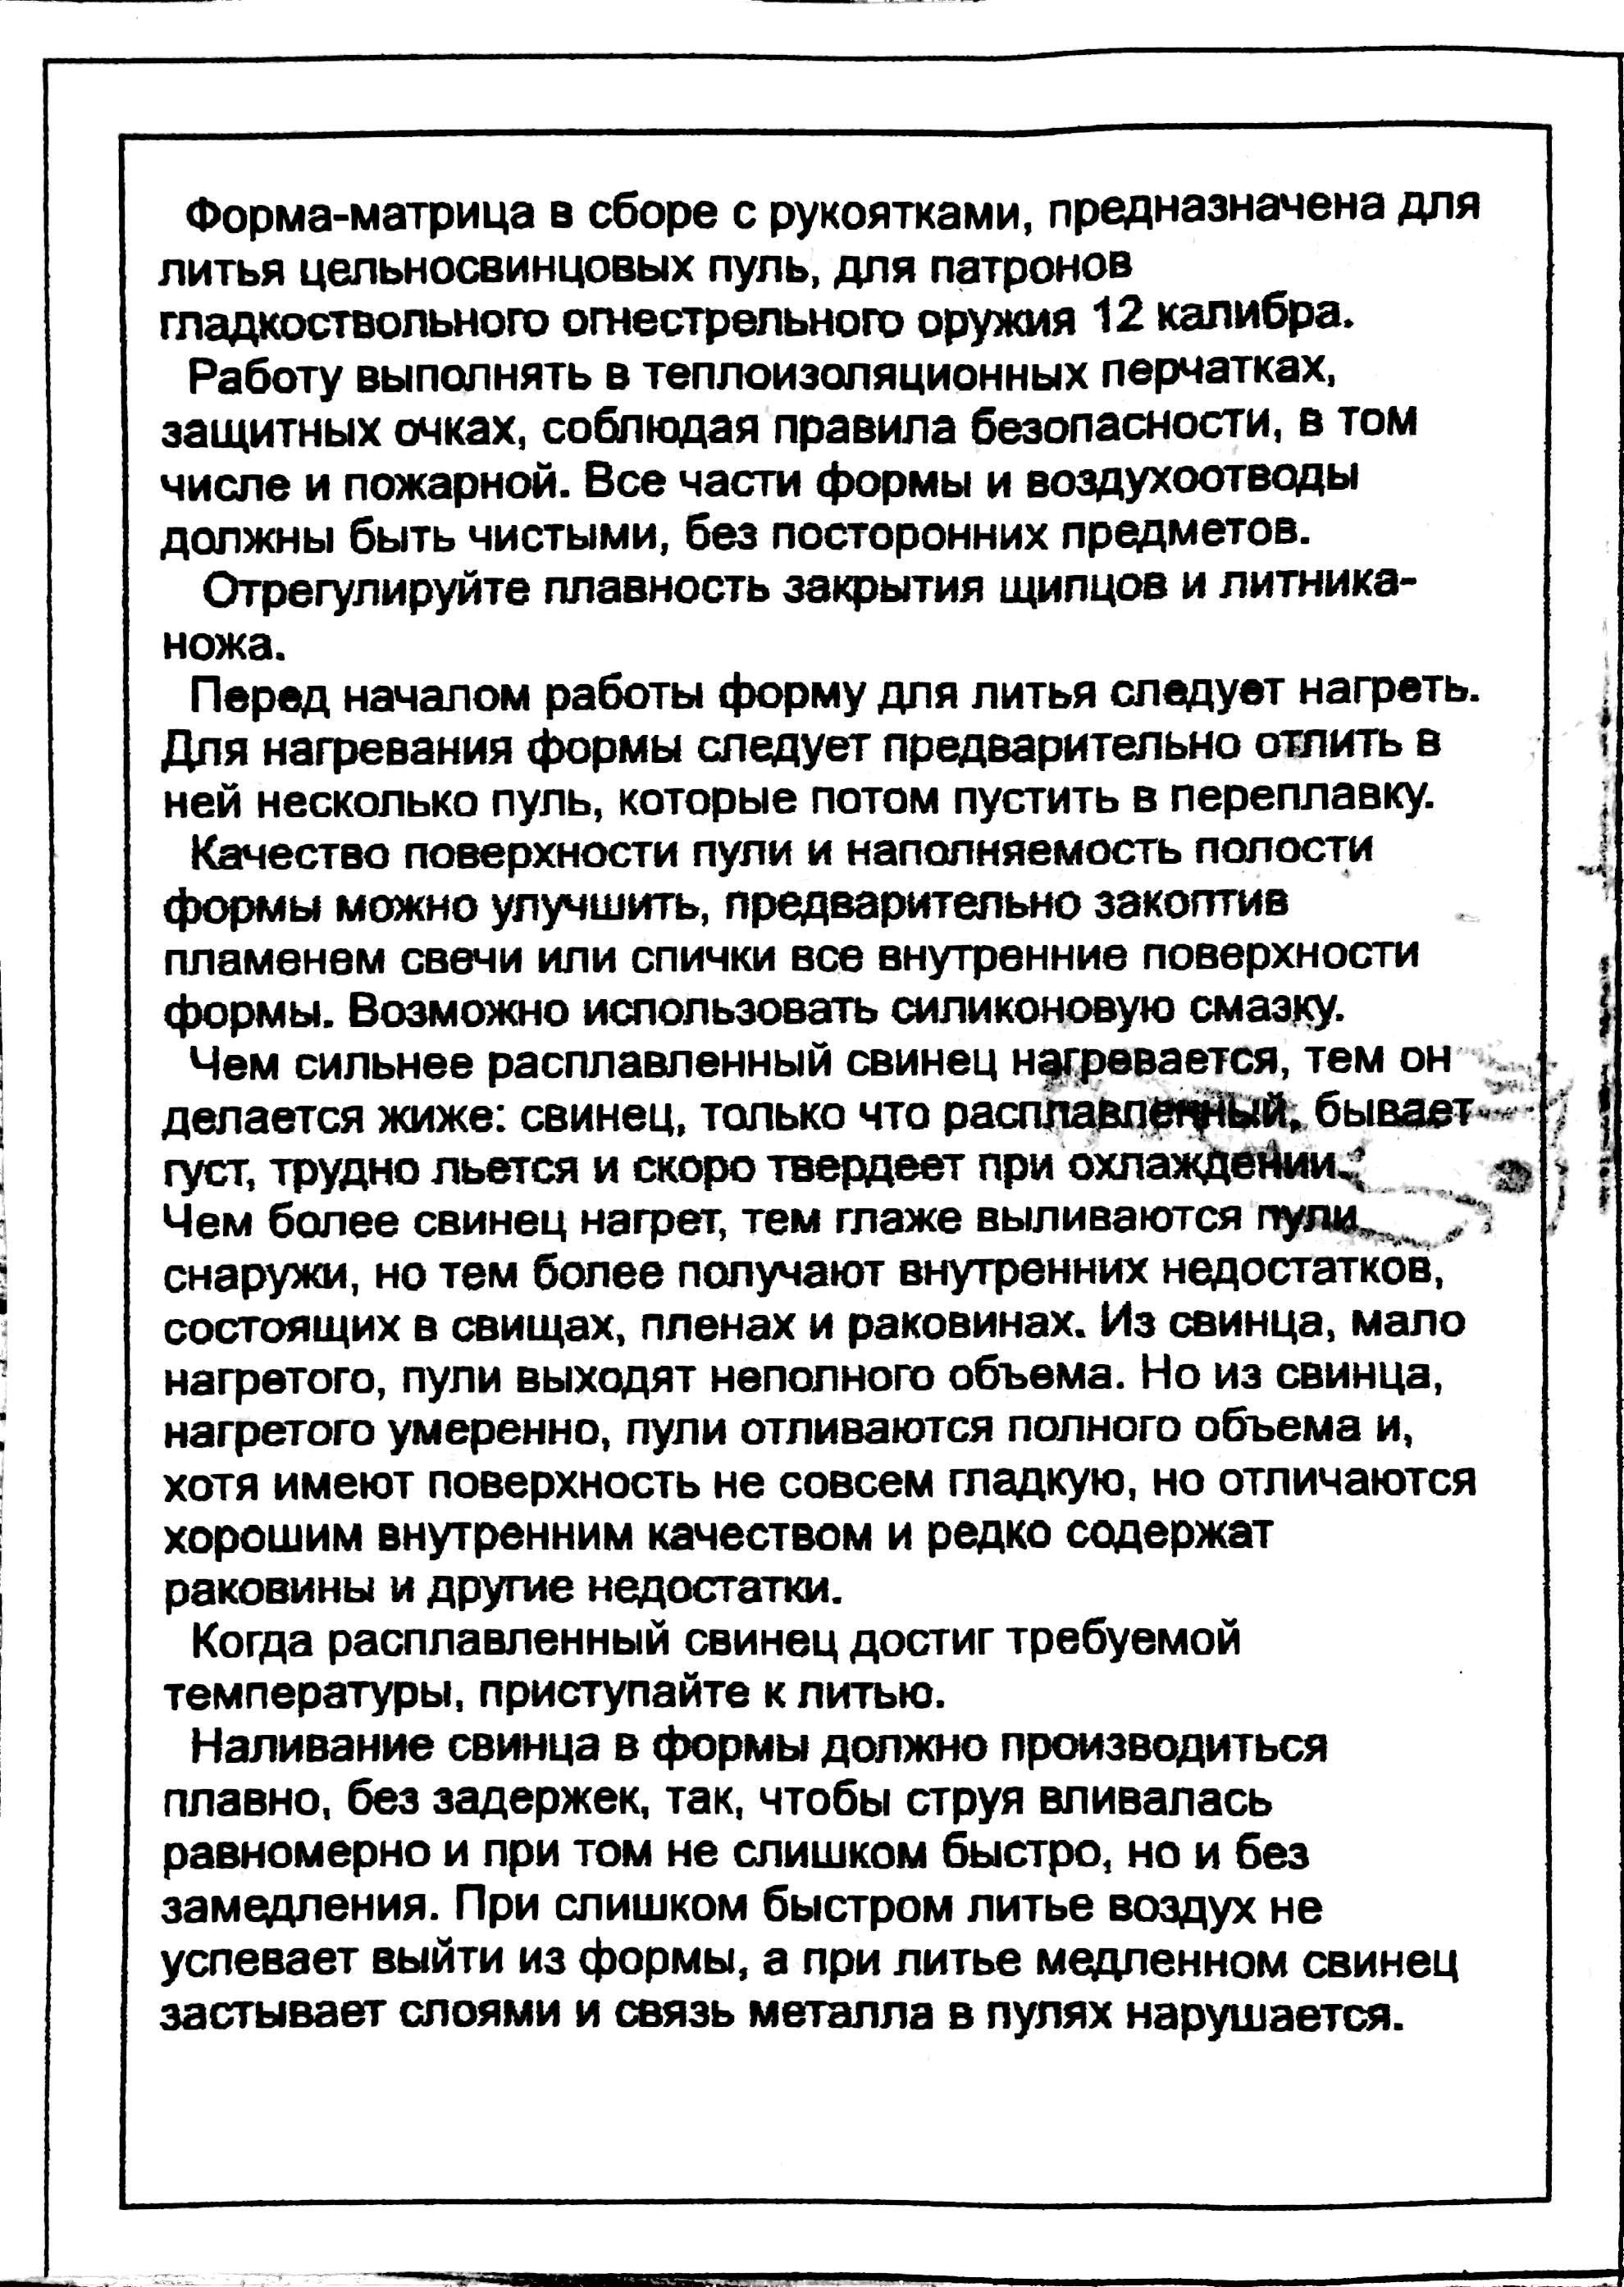 Новый_документ_8_1.jpg